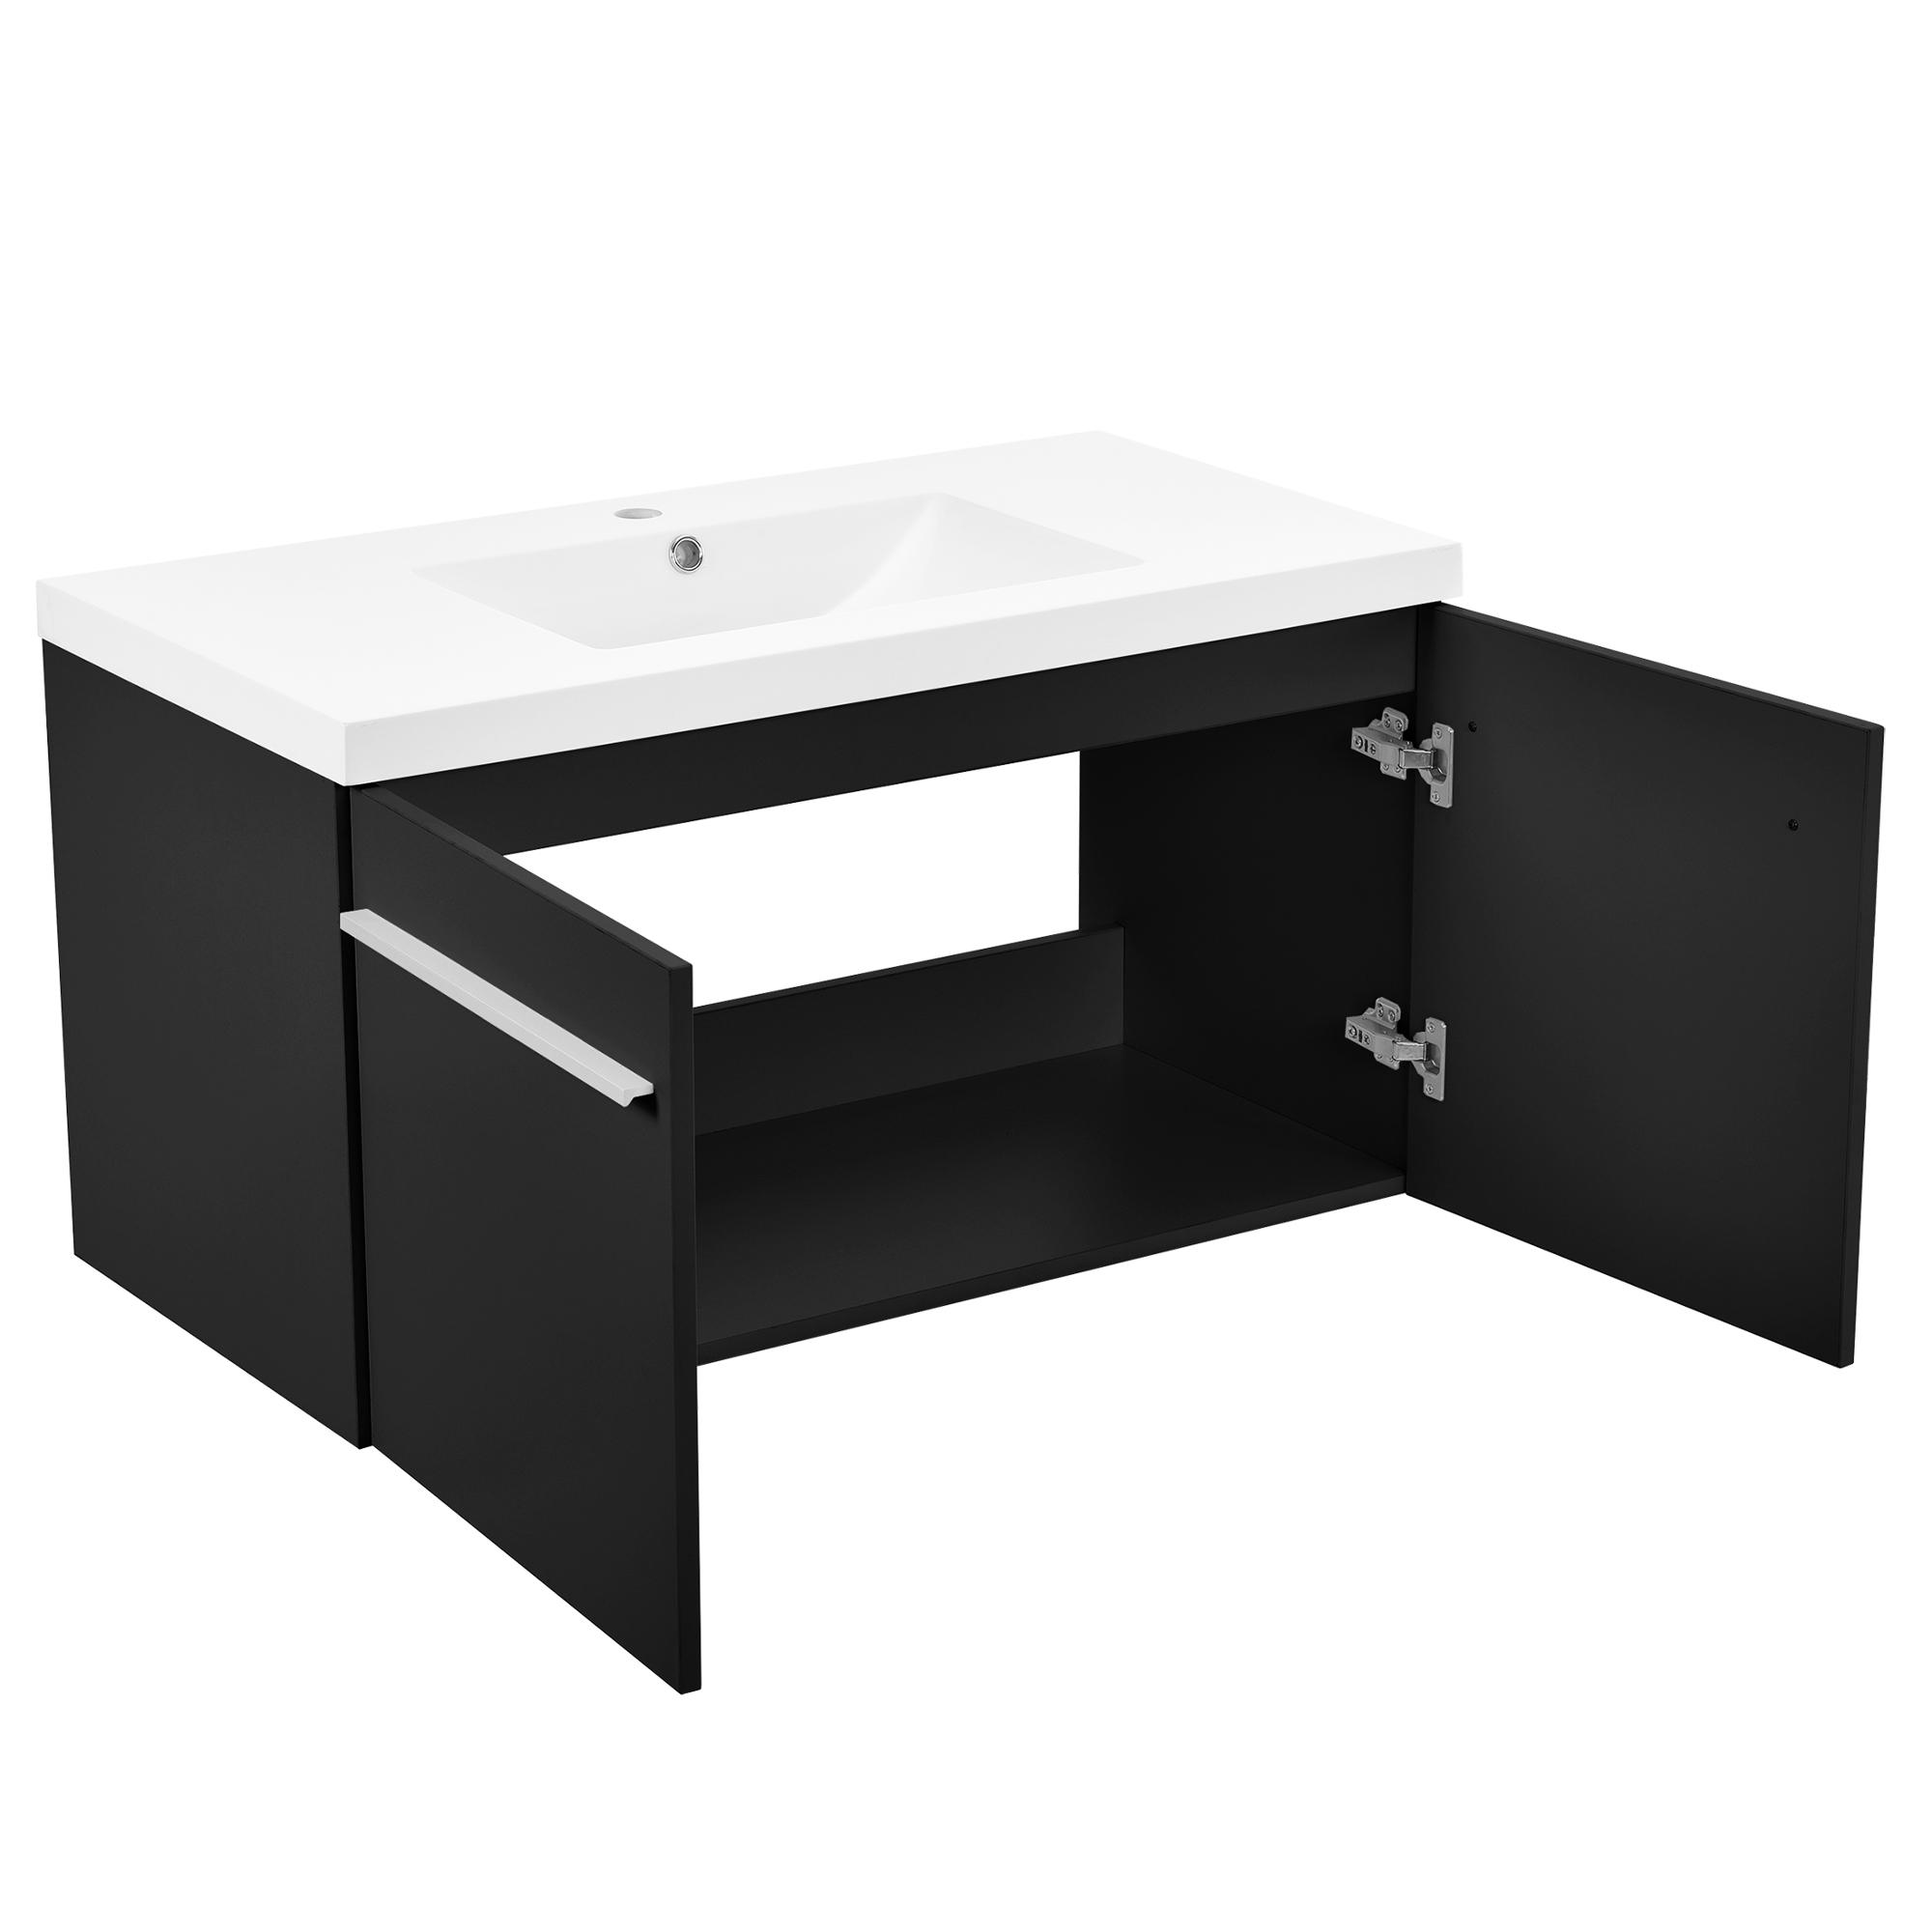 neuhaus armoire de salle bain meuble dessous lavabo noir 50x90x46cm ebay. Black Bedroom Furniture Sets. Home Design Ideas